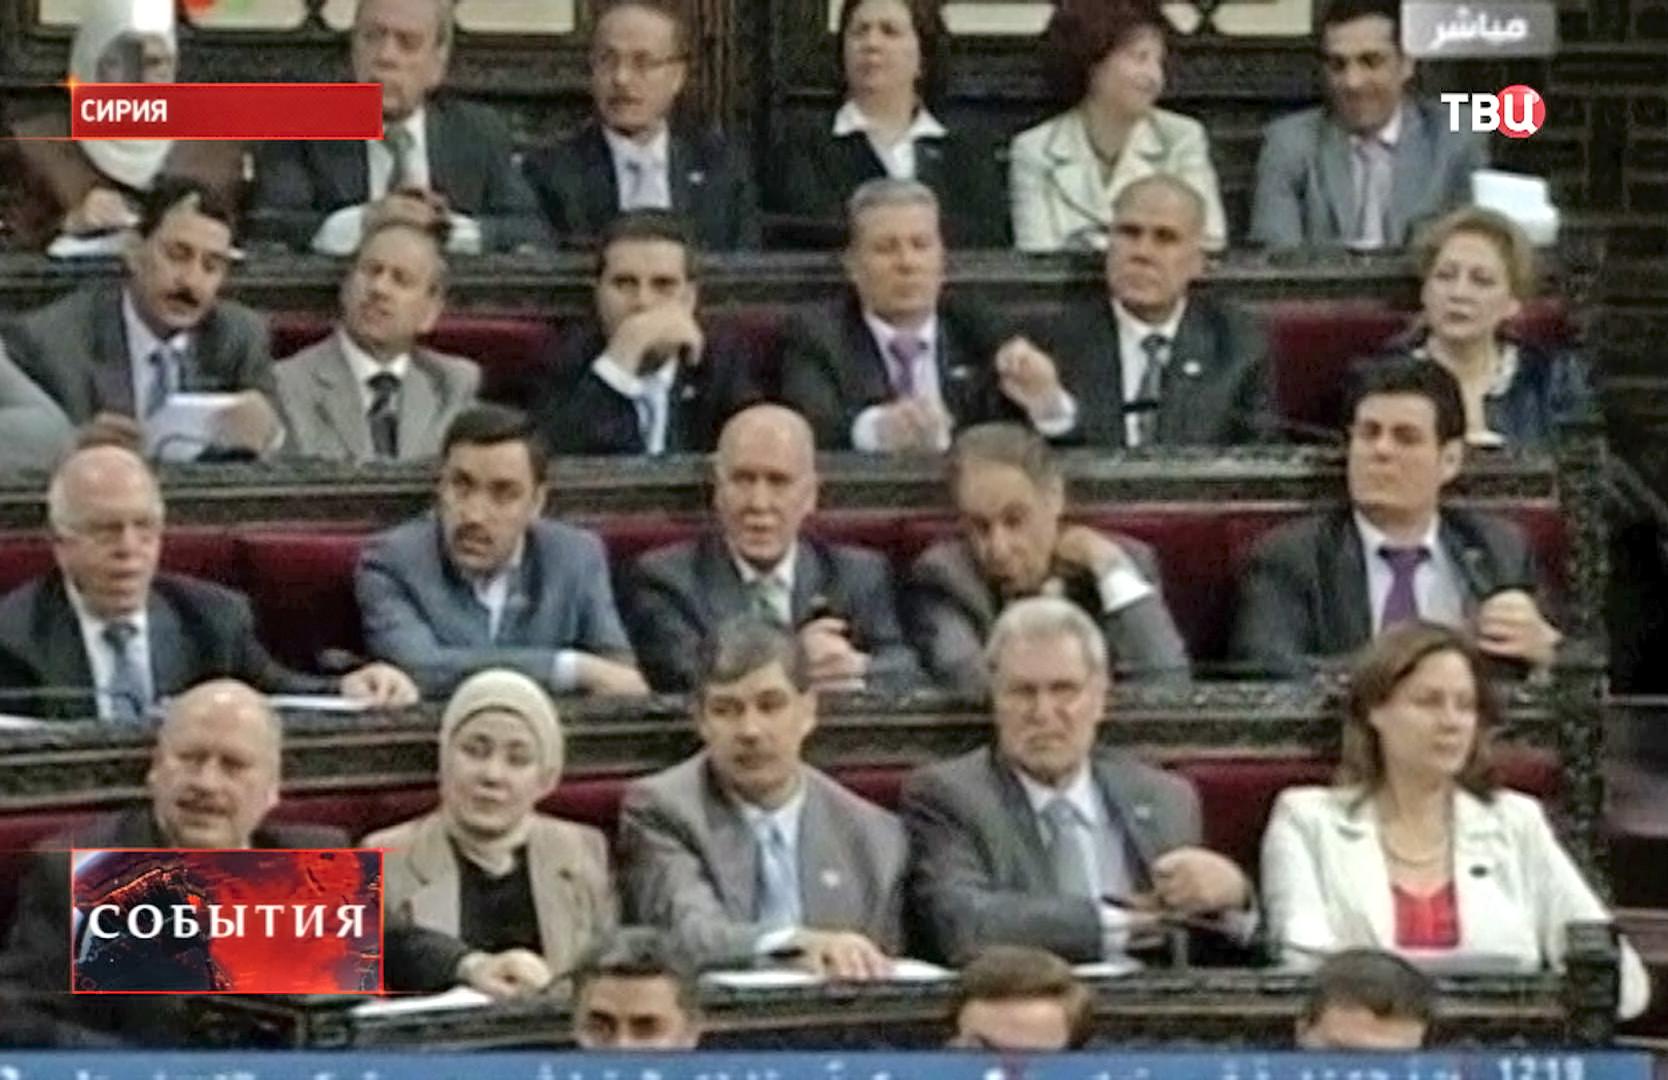 Правительство Сирии